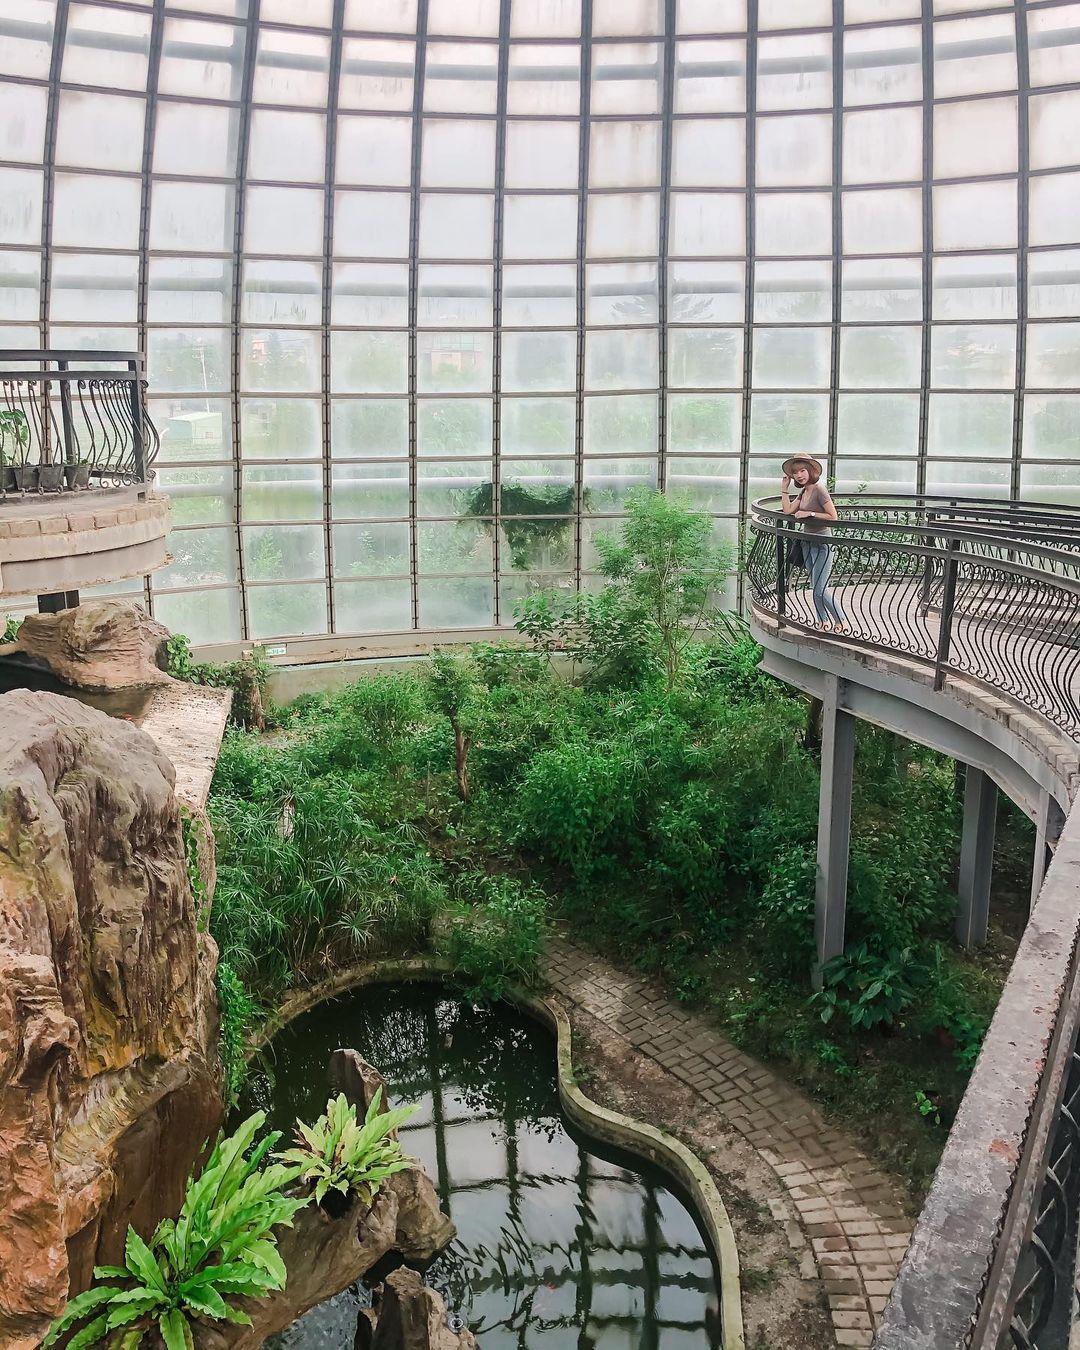 嘉義景點推薦 :新嘉大昆蟲館